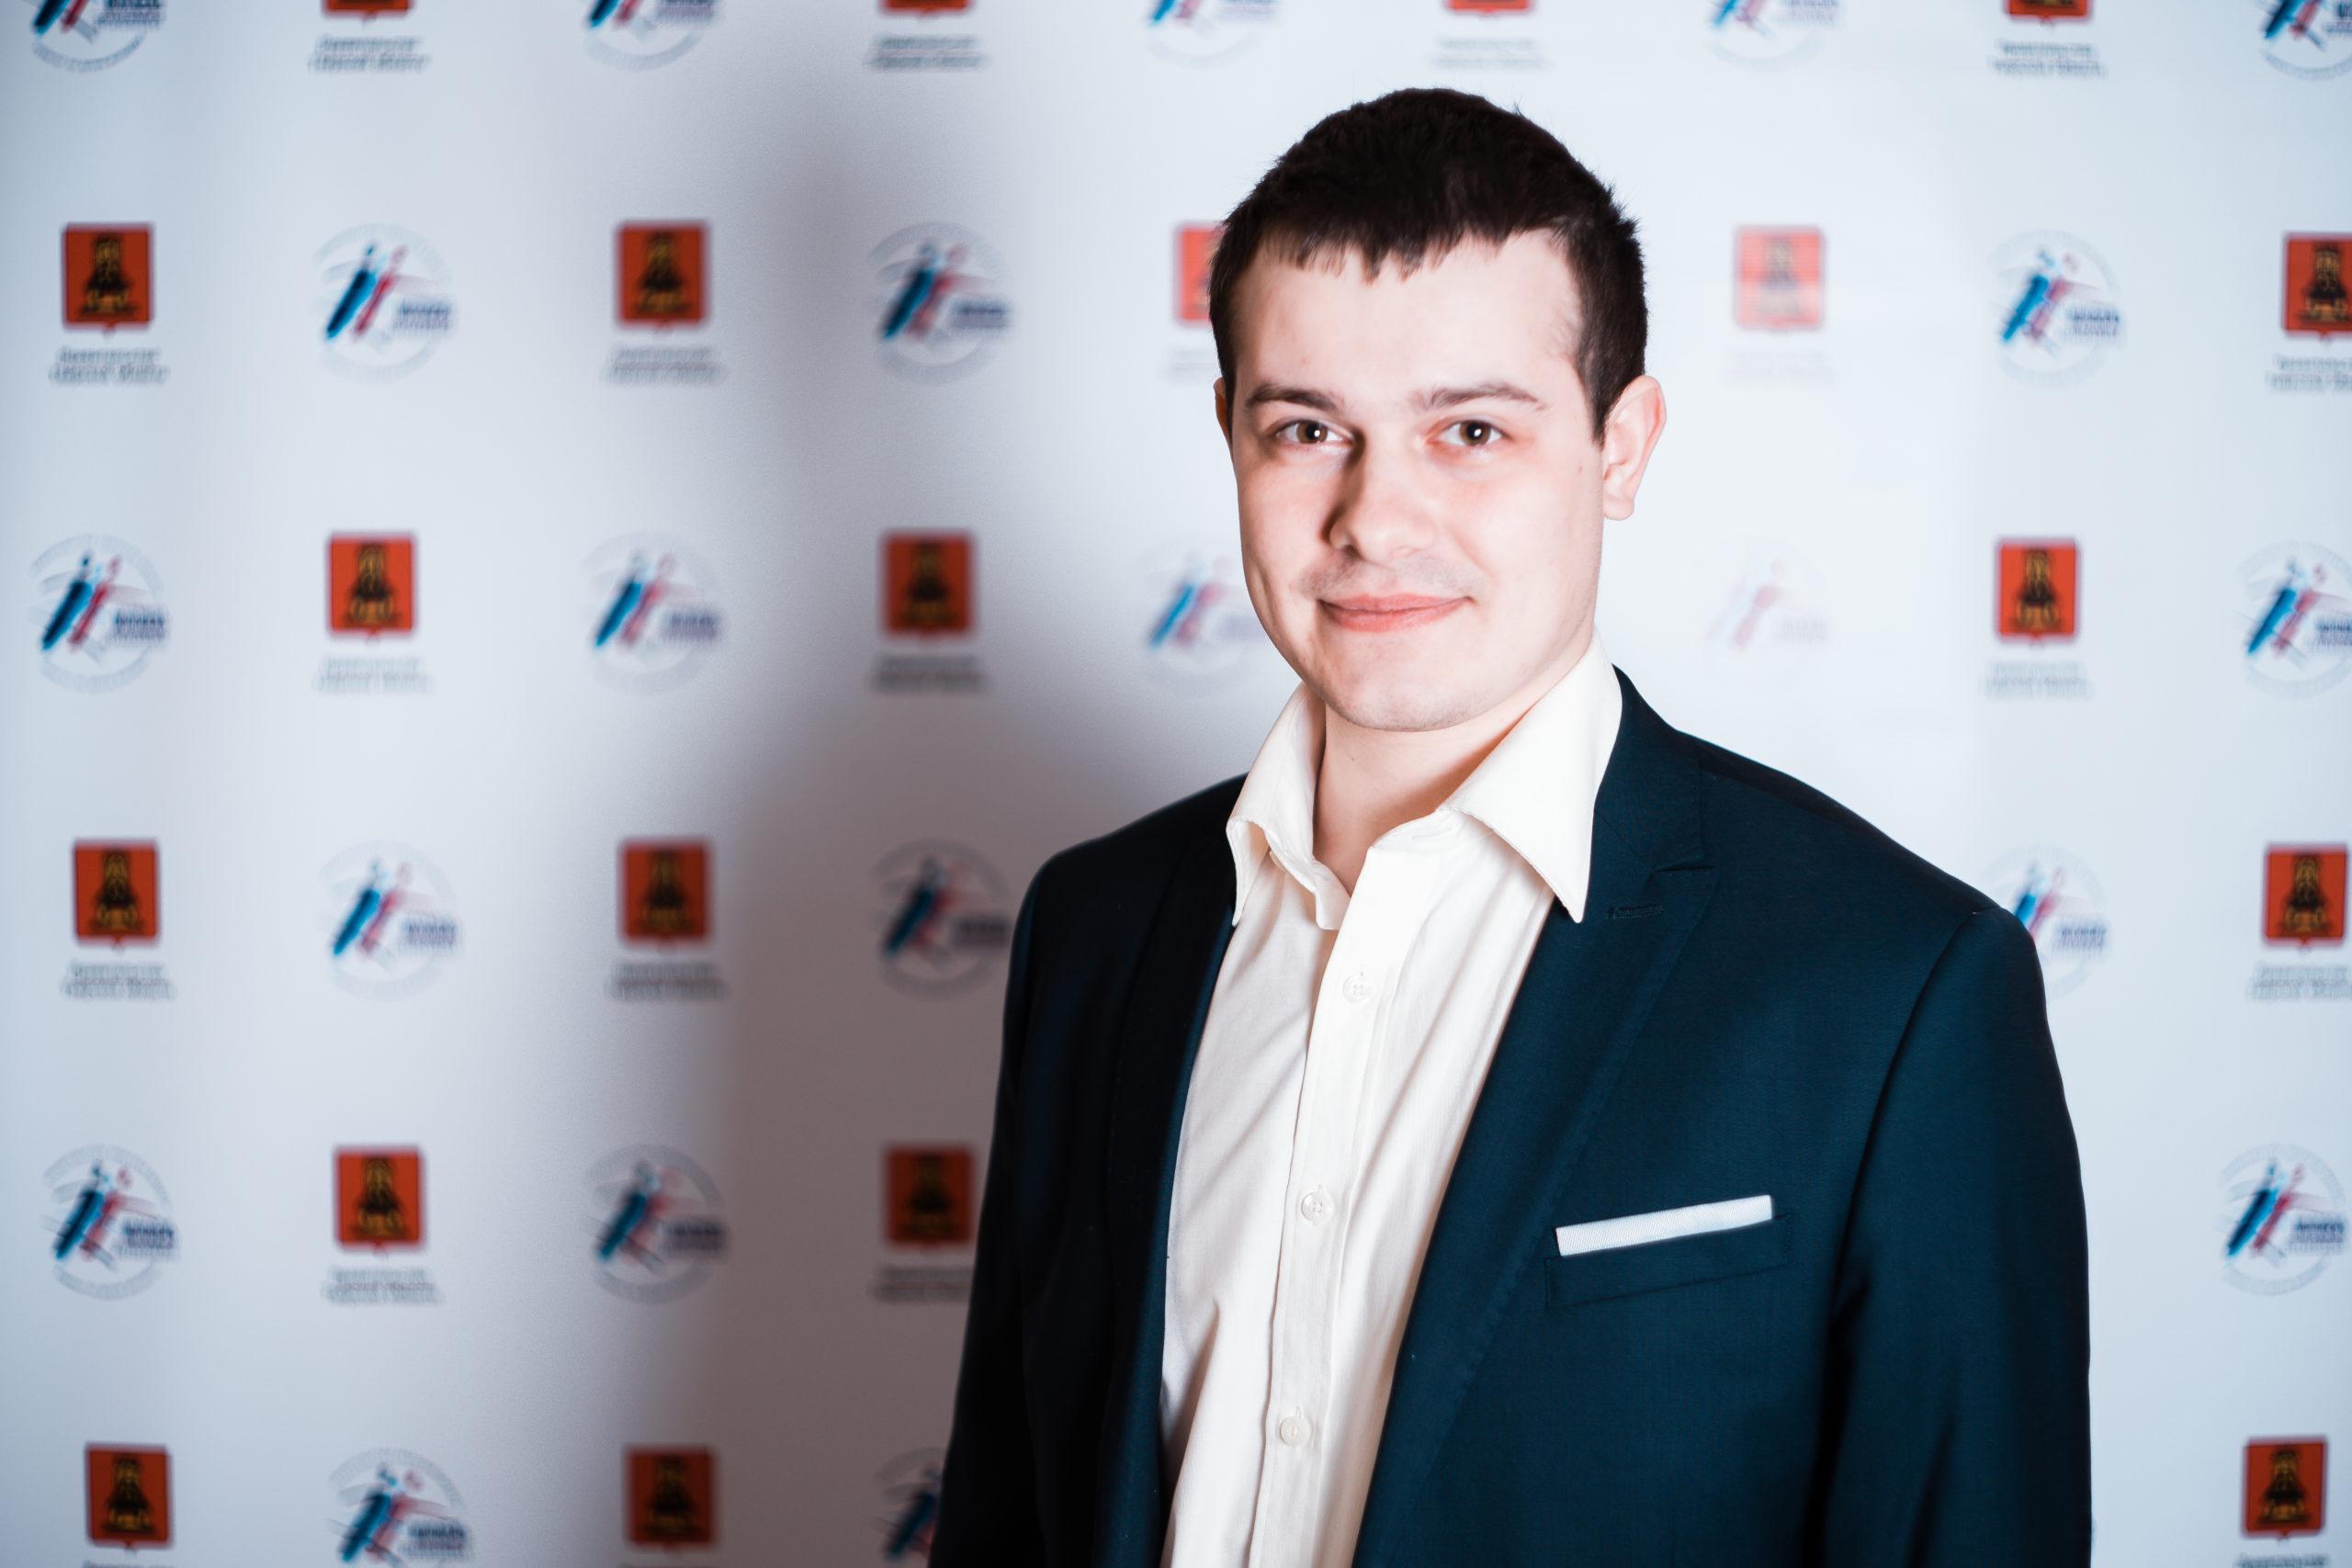 Владислав Березин: От ЖКХ зависит наше здоровье и нормальная жизнь